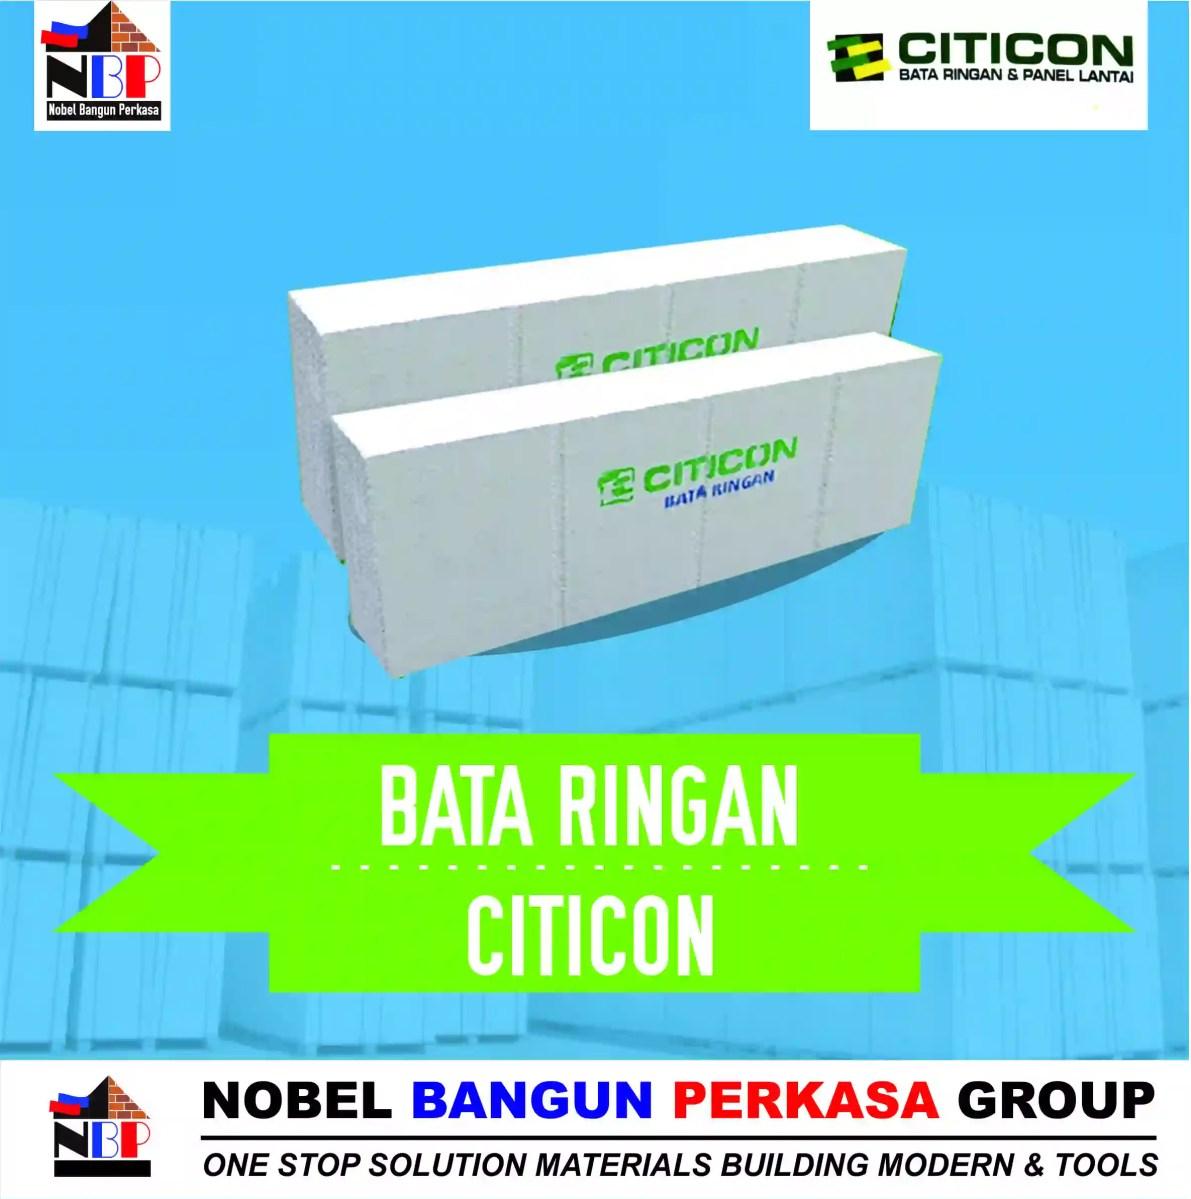 Jual beli motor yamaha murah, dan cari motor yamaha di olx. Daftar Harga Hebel Citicon Terbaru Jawa Tengah 2021 - CITICONSEMARANG.COM